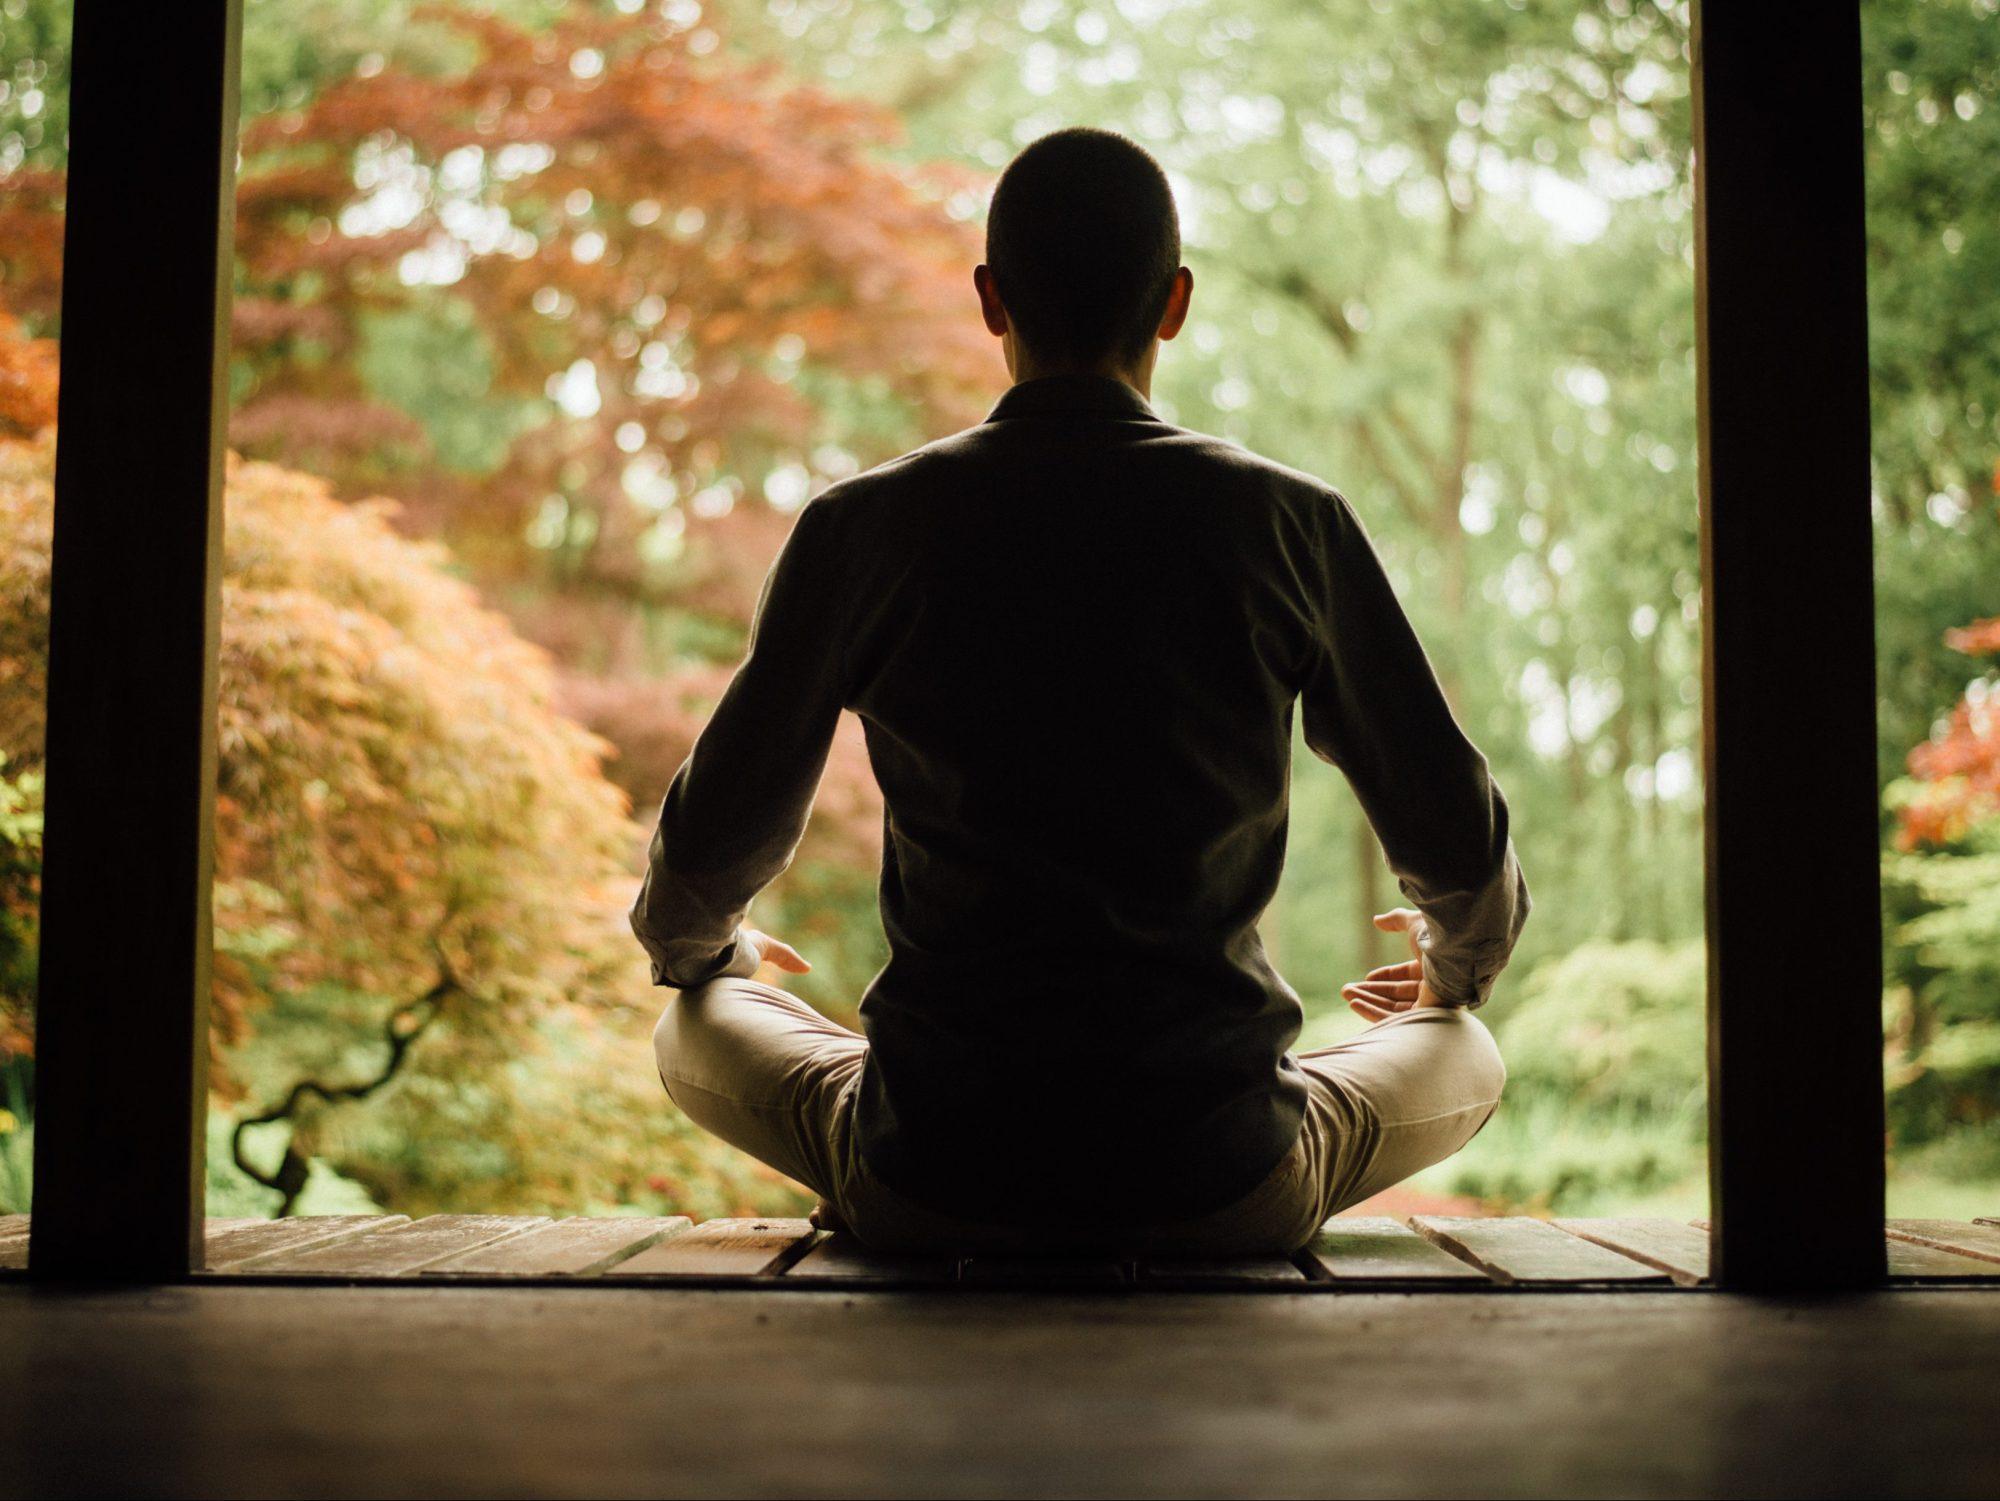 Trainer die in meditatiehouding zit: Hoe werkt mindfulnesstraining precies?